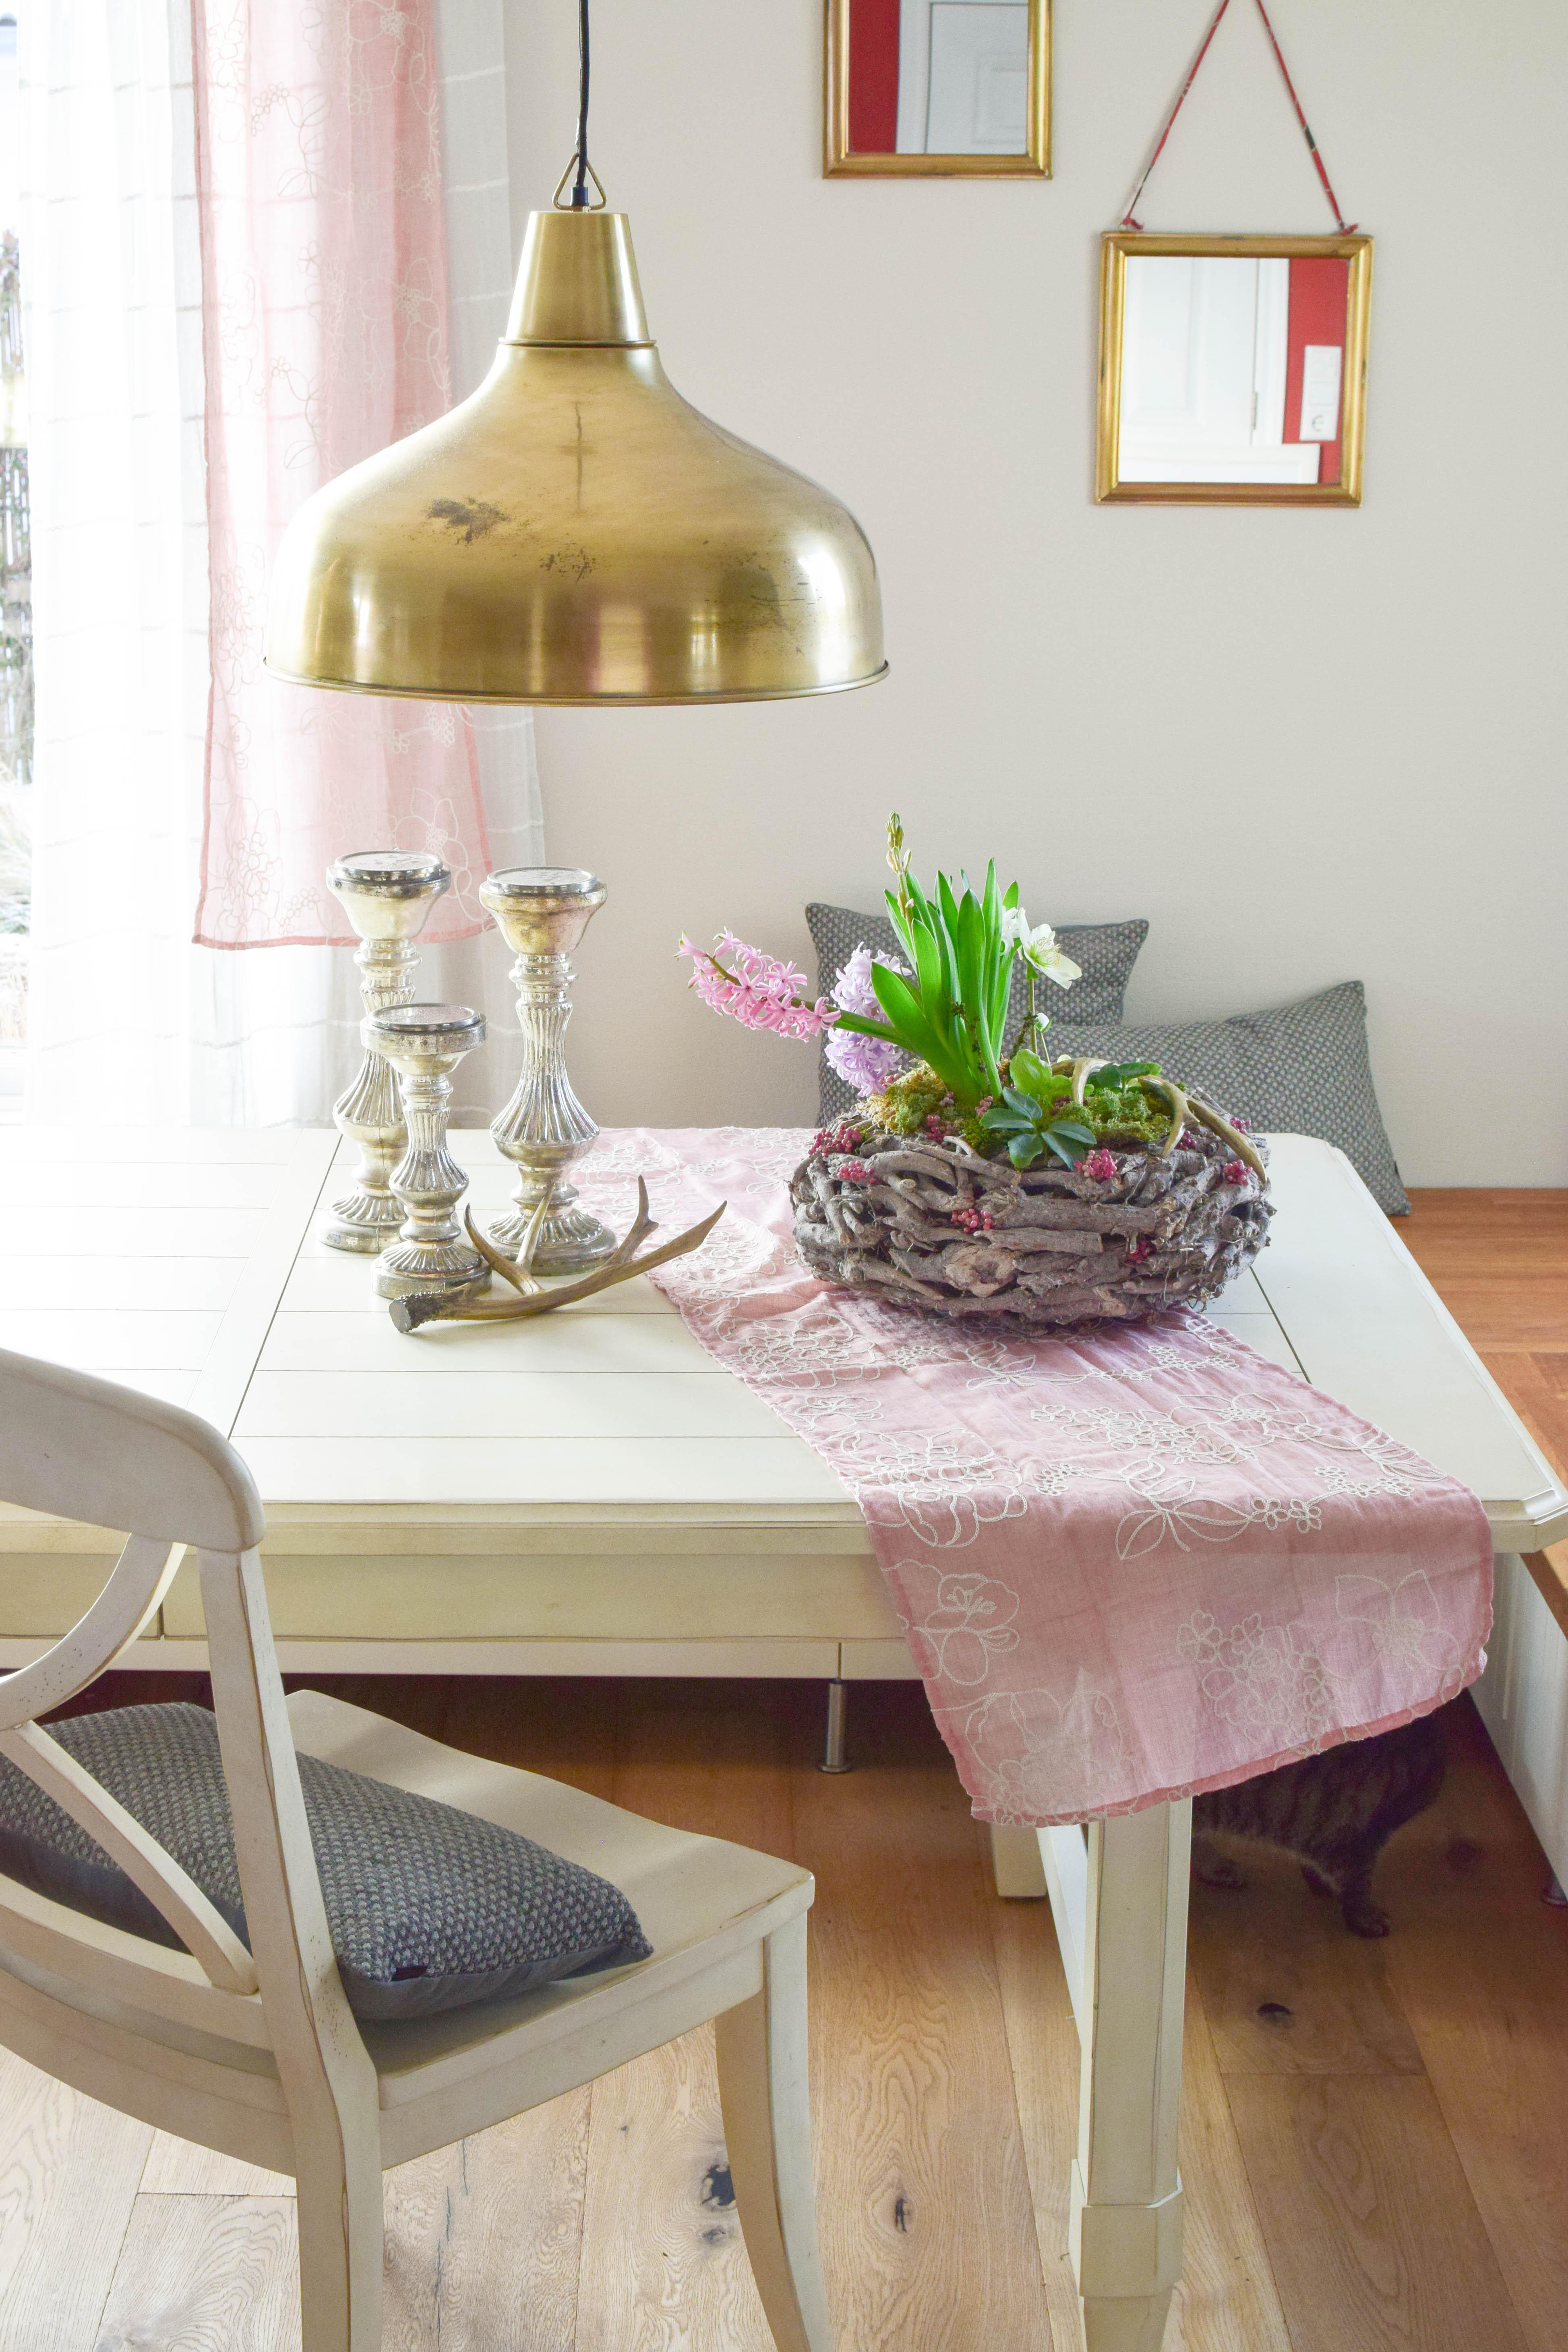 Delightful Kuhle Startseite Dekoration Modernen Dekoration Wohnzimmer Fruhling #4: Simple Esszimmer Interior Deko Wohnen With Esszimmer Dekorieren.  Interesting Wohnzimmer .